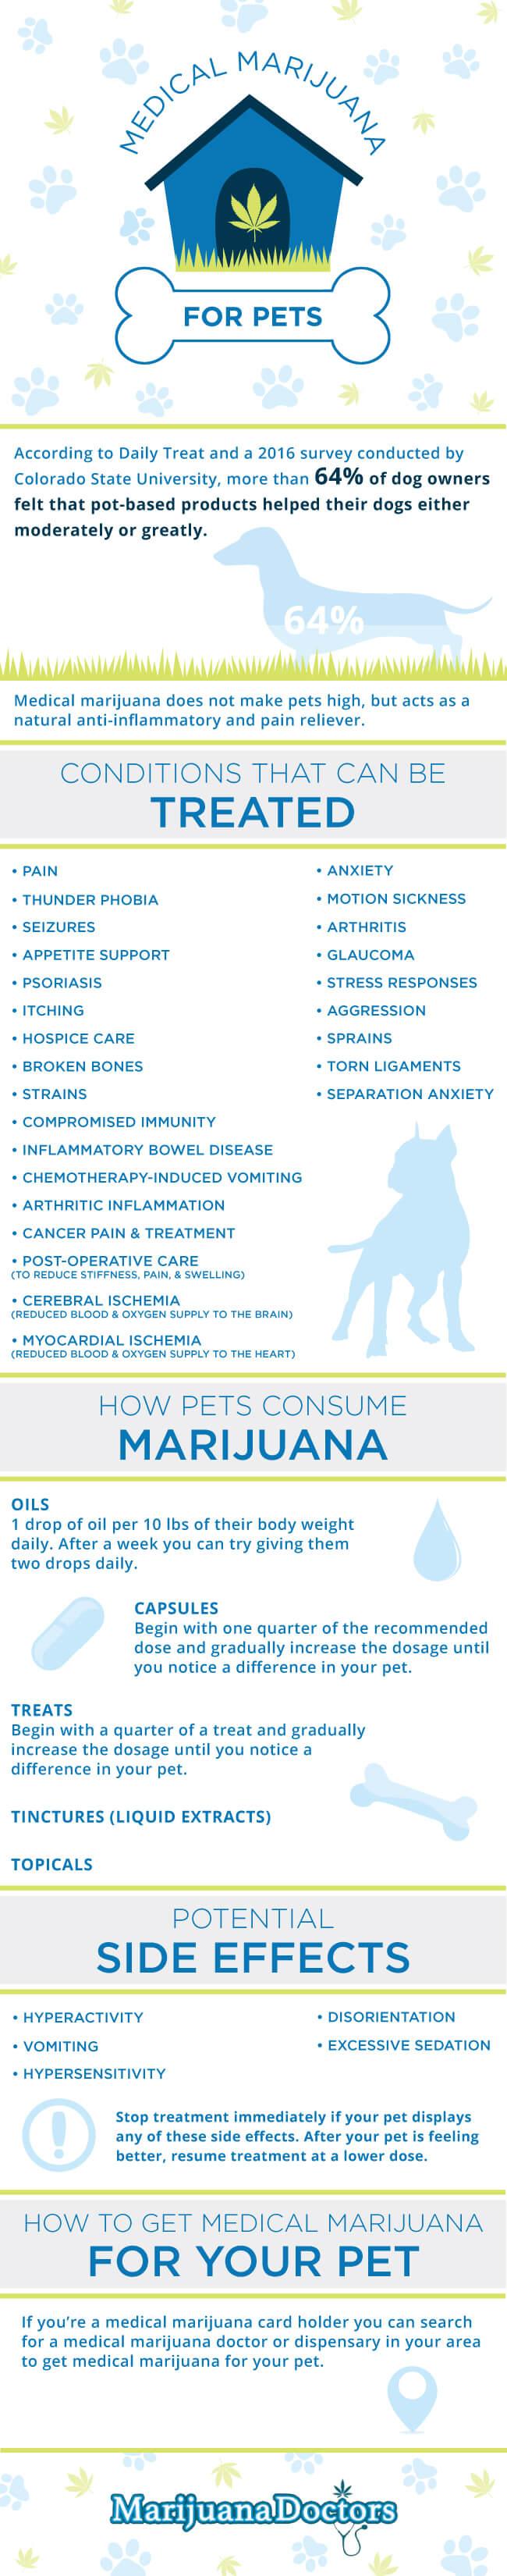 marijuana for pets